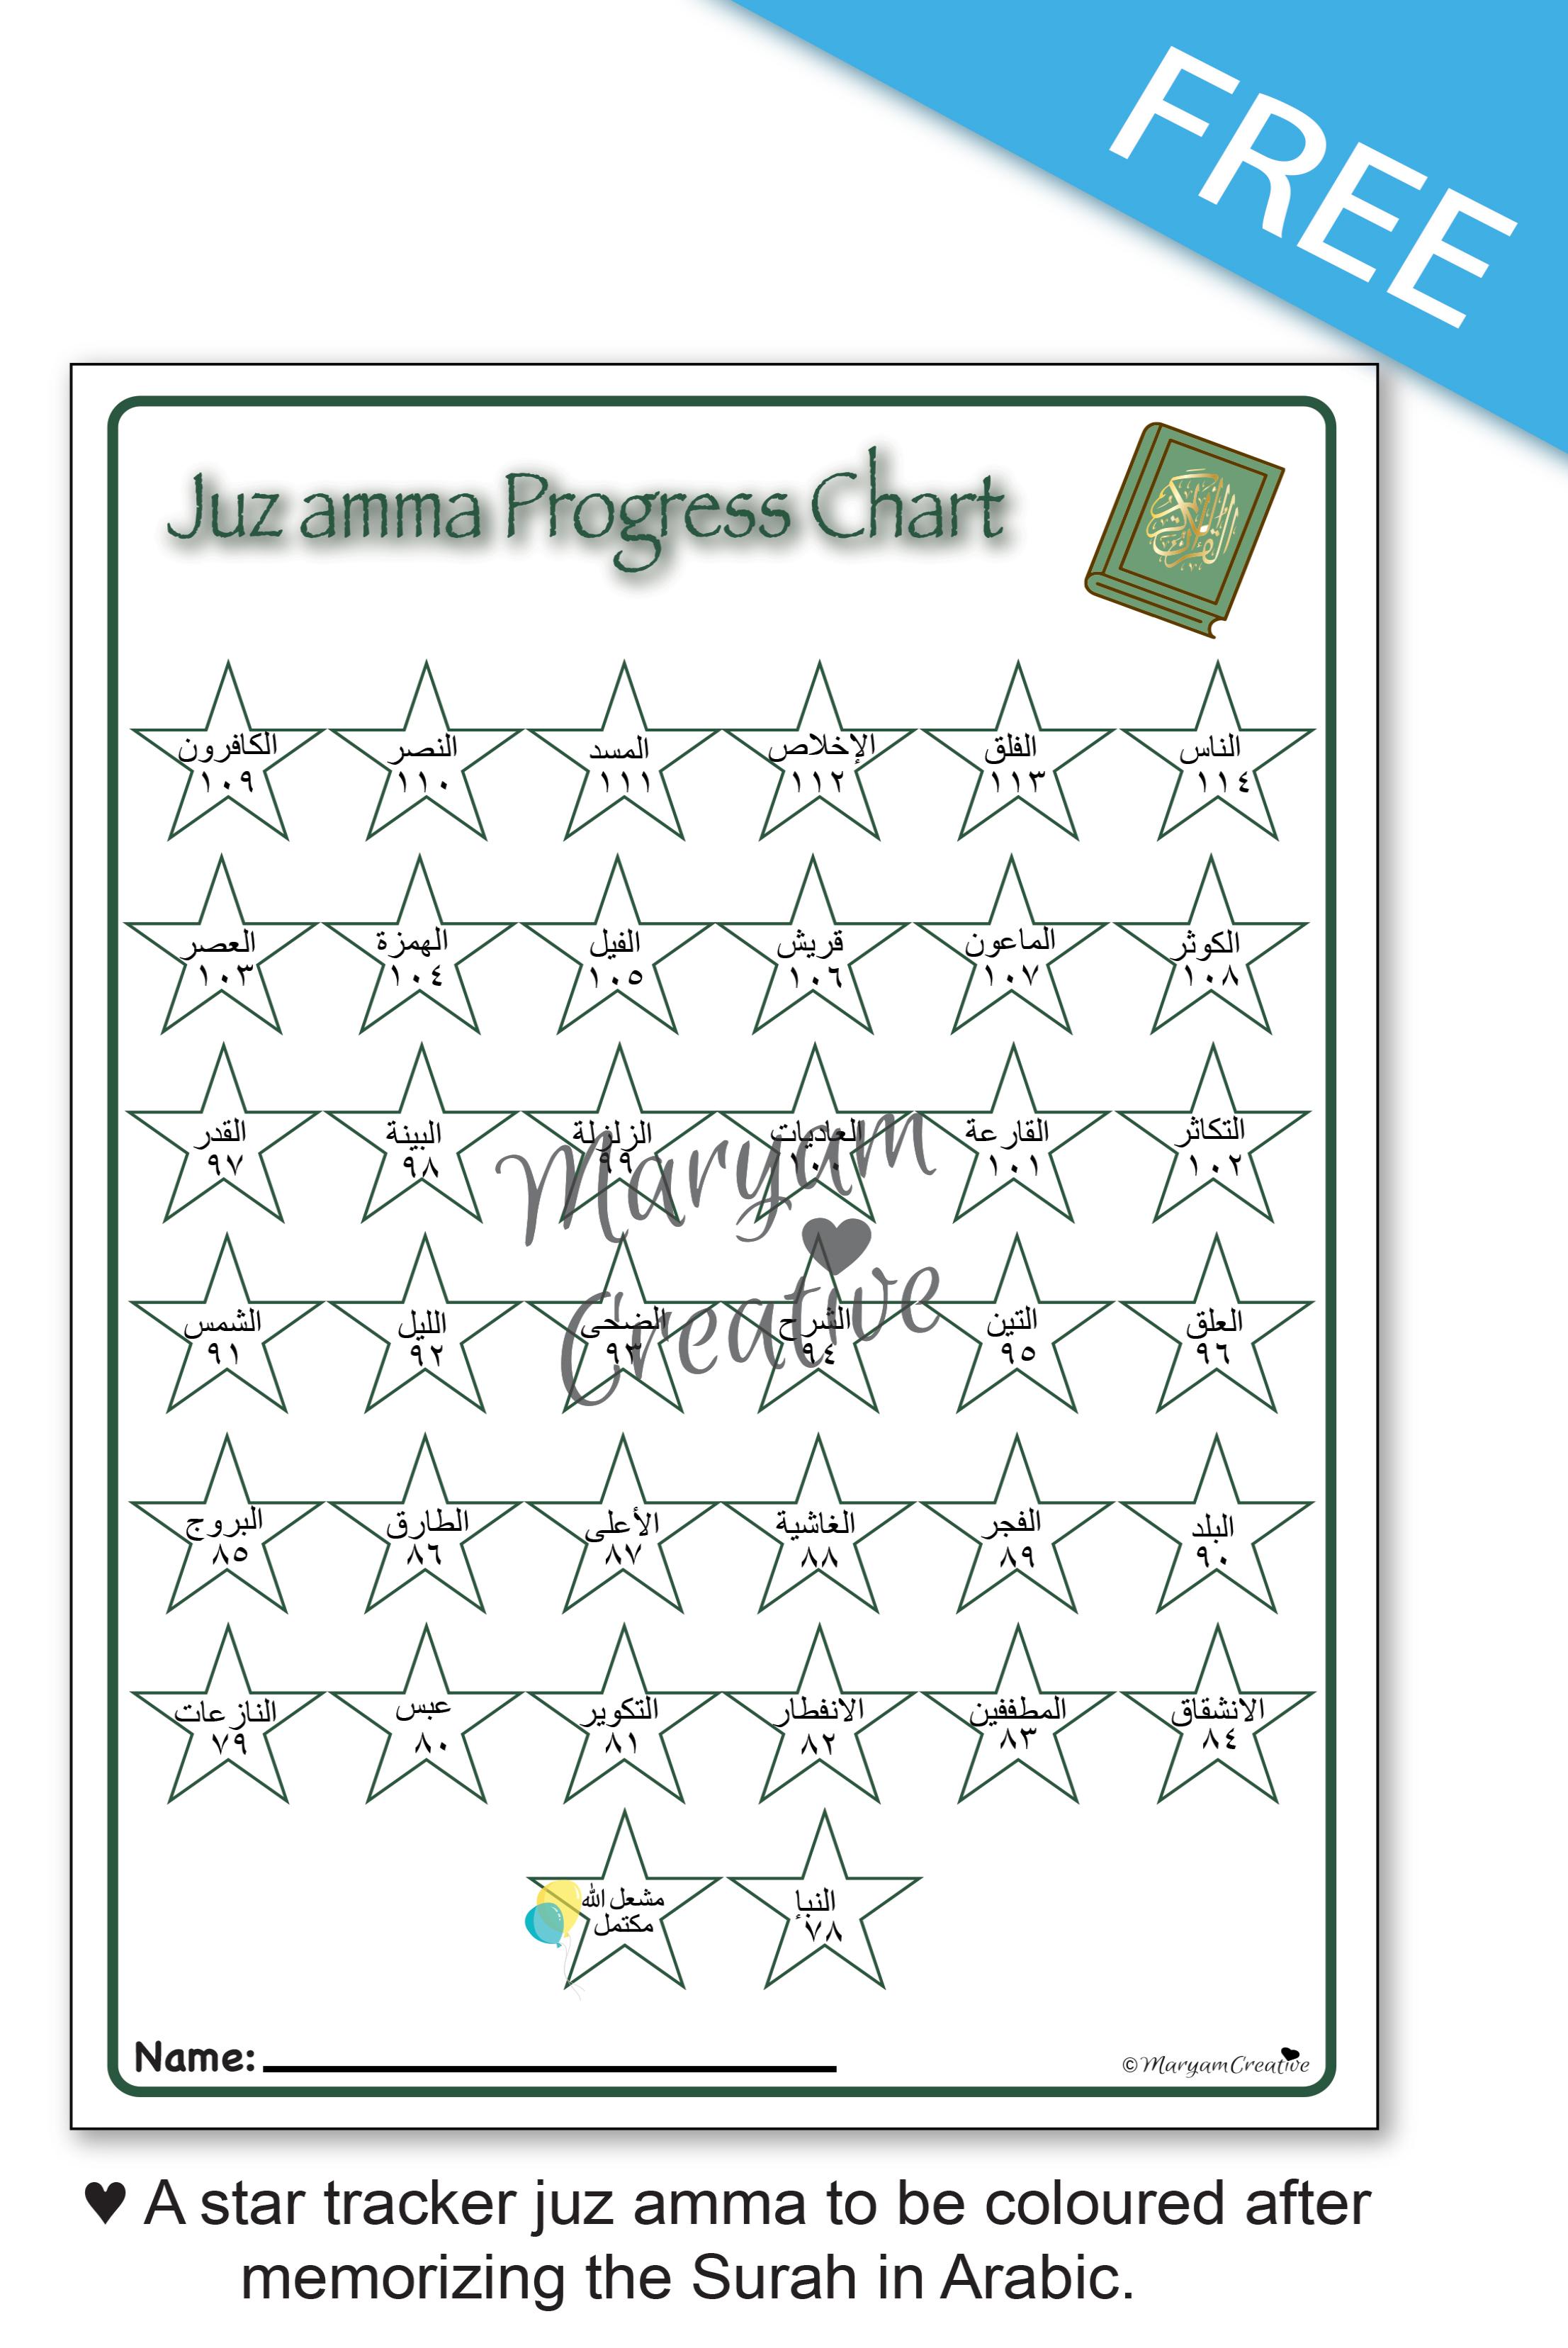 Quran Juzz Amma Progress Chart Version 1